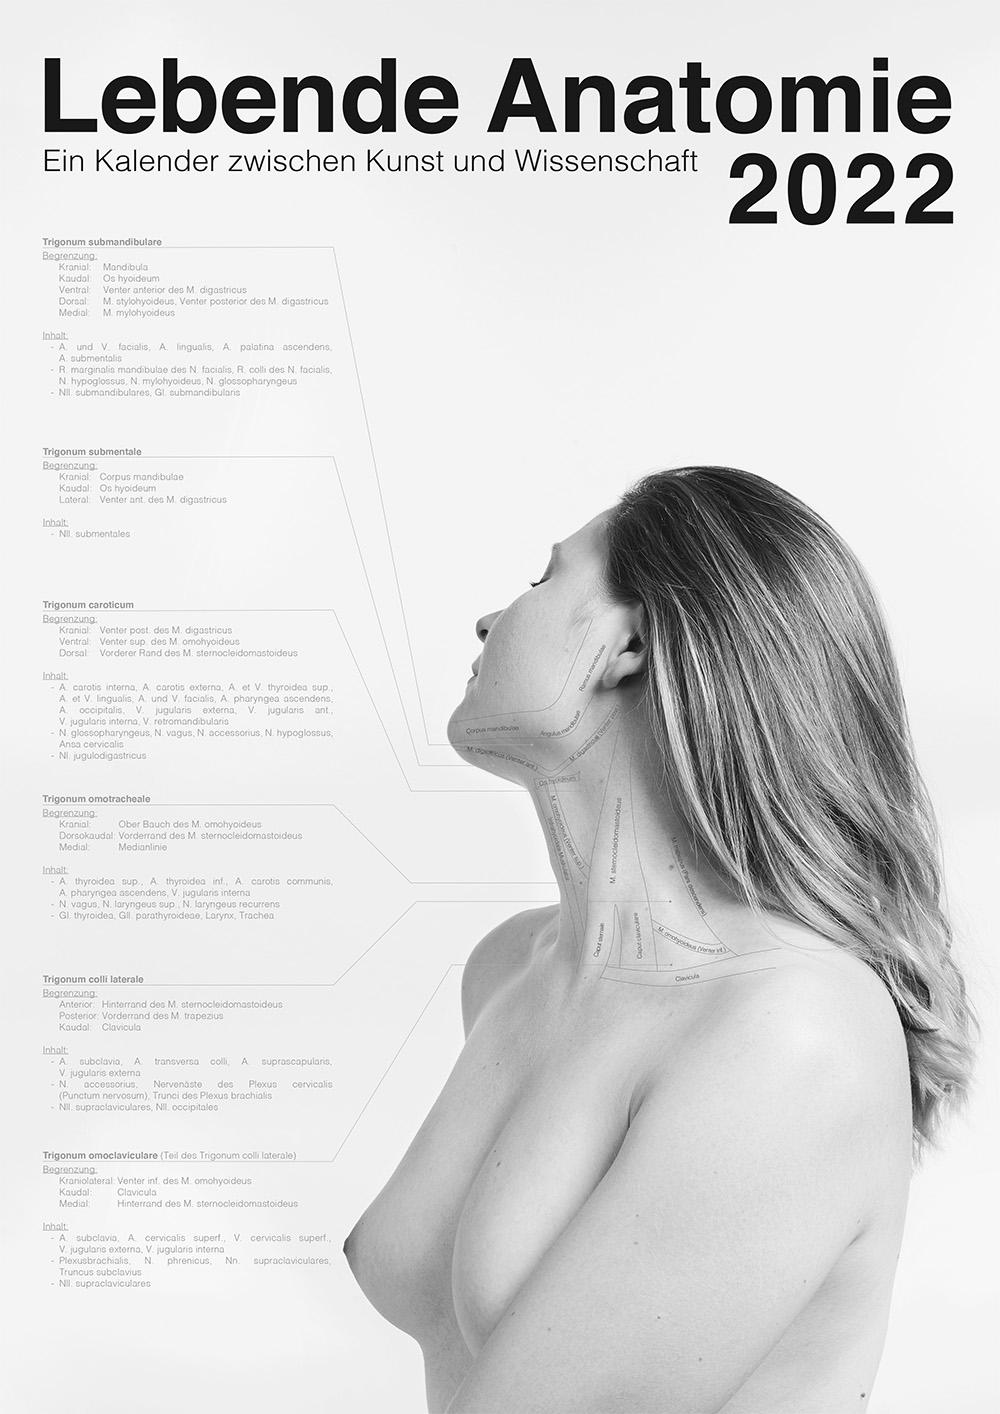 Lebende Anatomie Kalender 2022 VORSCHAU 00